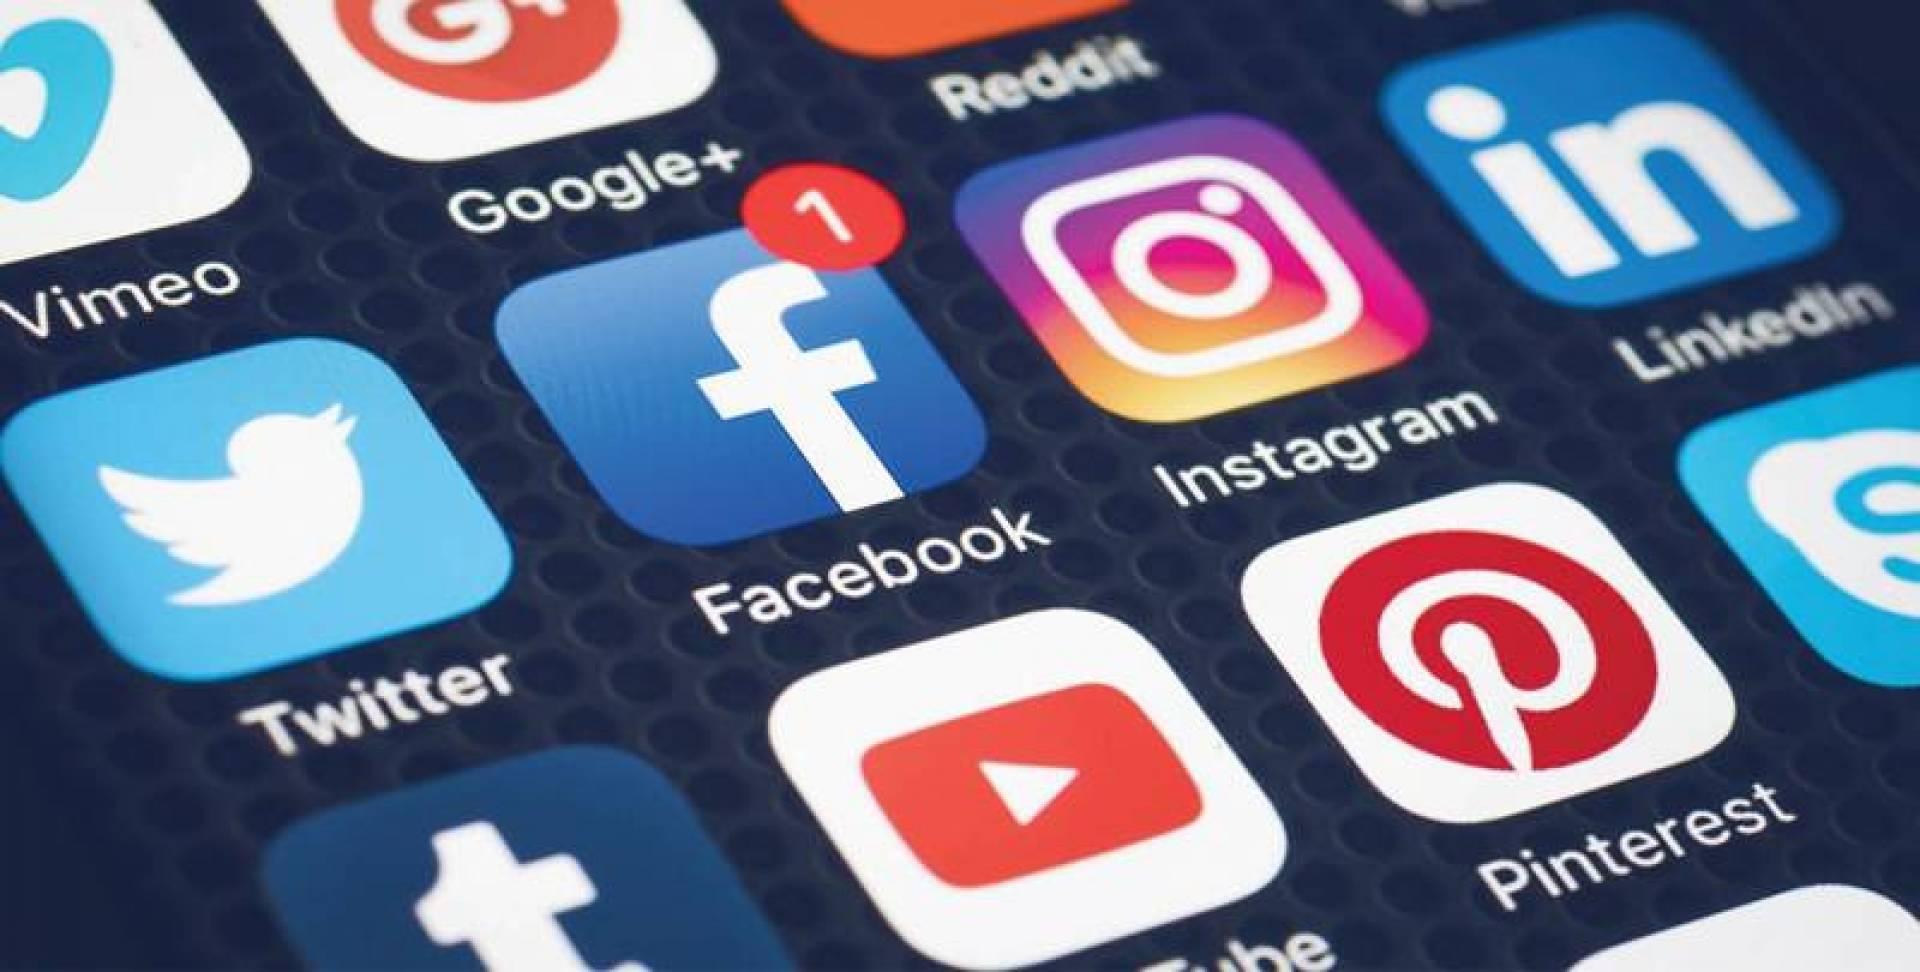 دراسة: تطبيقات التواصل الاجتماعي أكبر تهديد للشركات